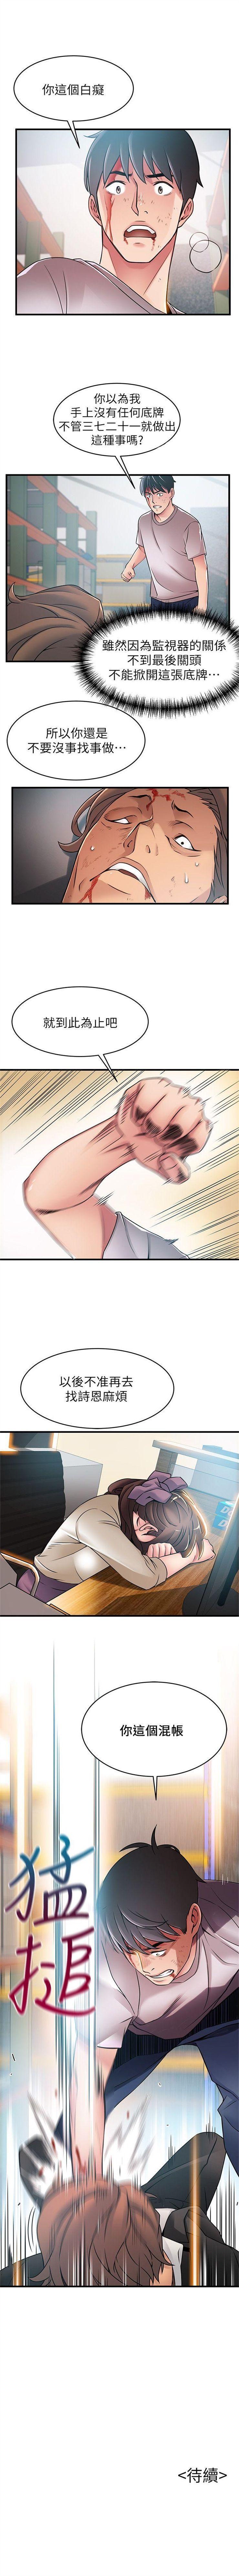 (週7)弱點 1-76 中文翻譯(更新中) 178